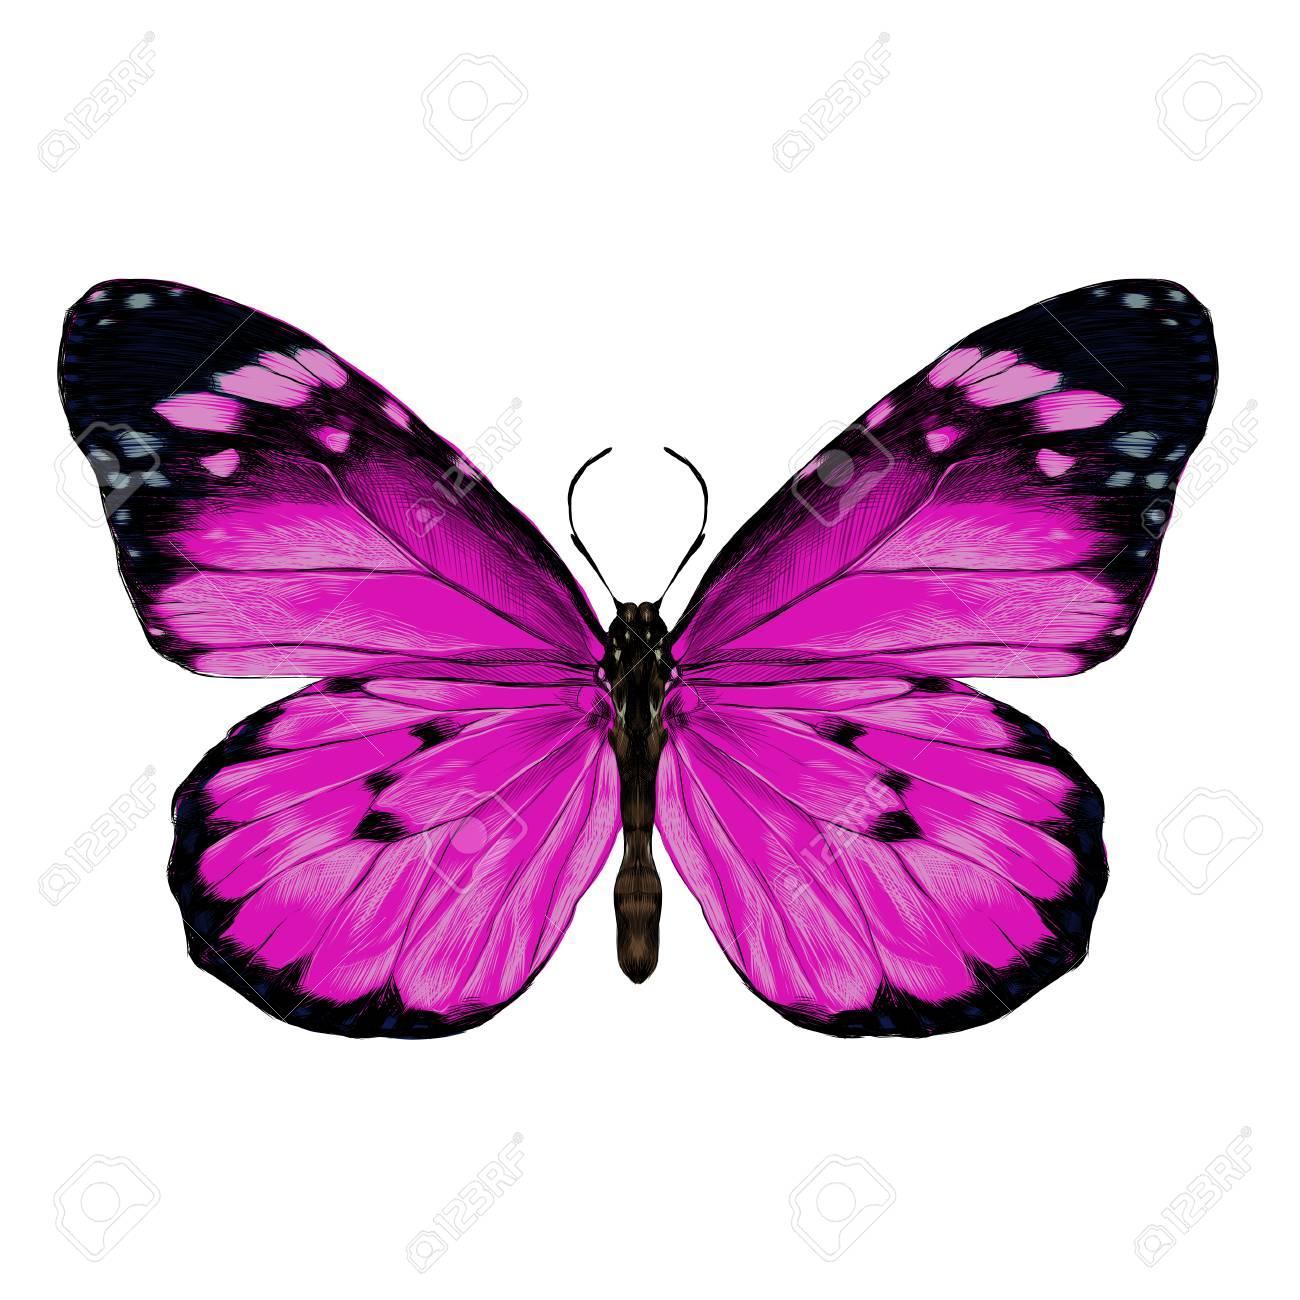 Dessin Papillon En Couleur conception artistique d'un papillon rose avec des ailes ouvertes vue